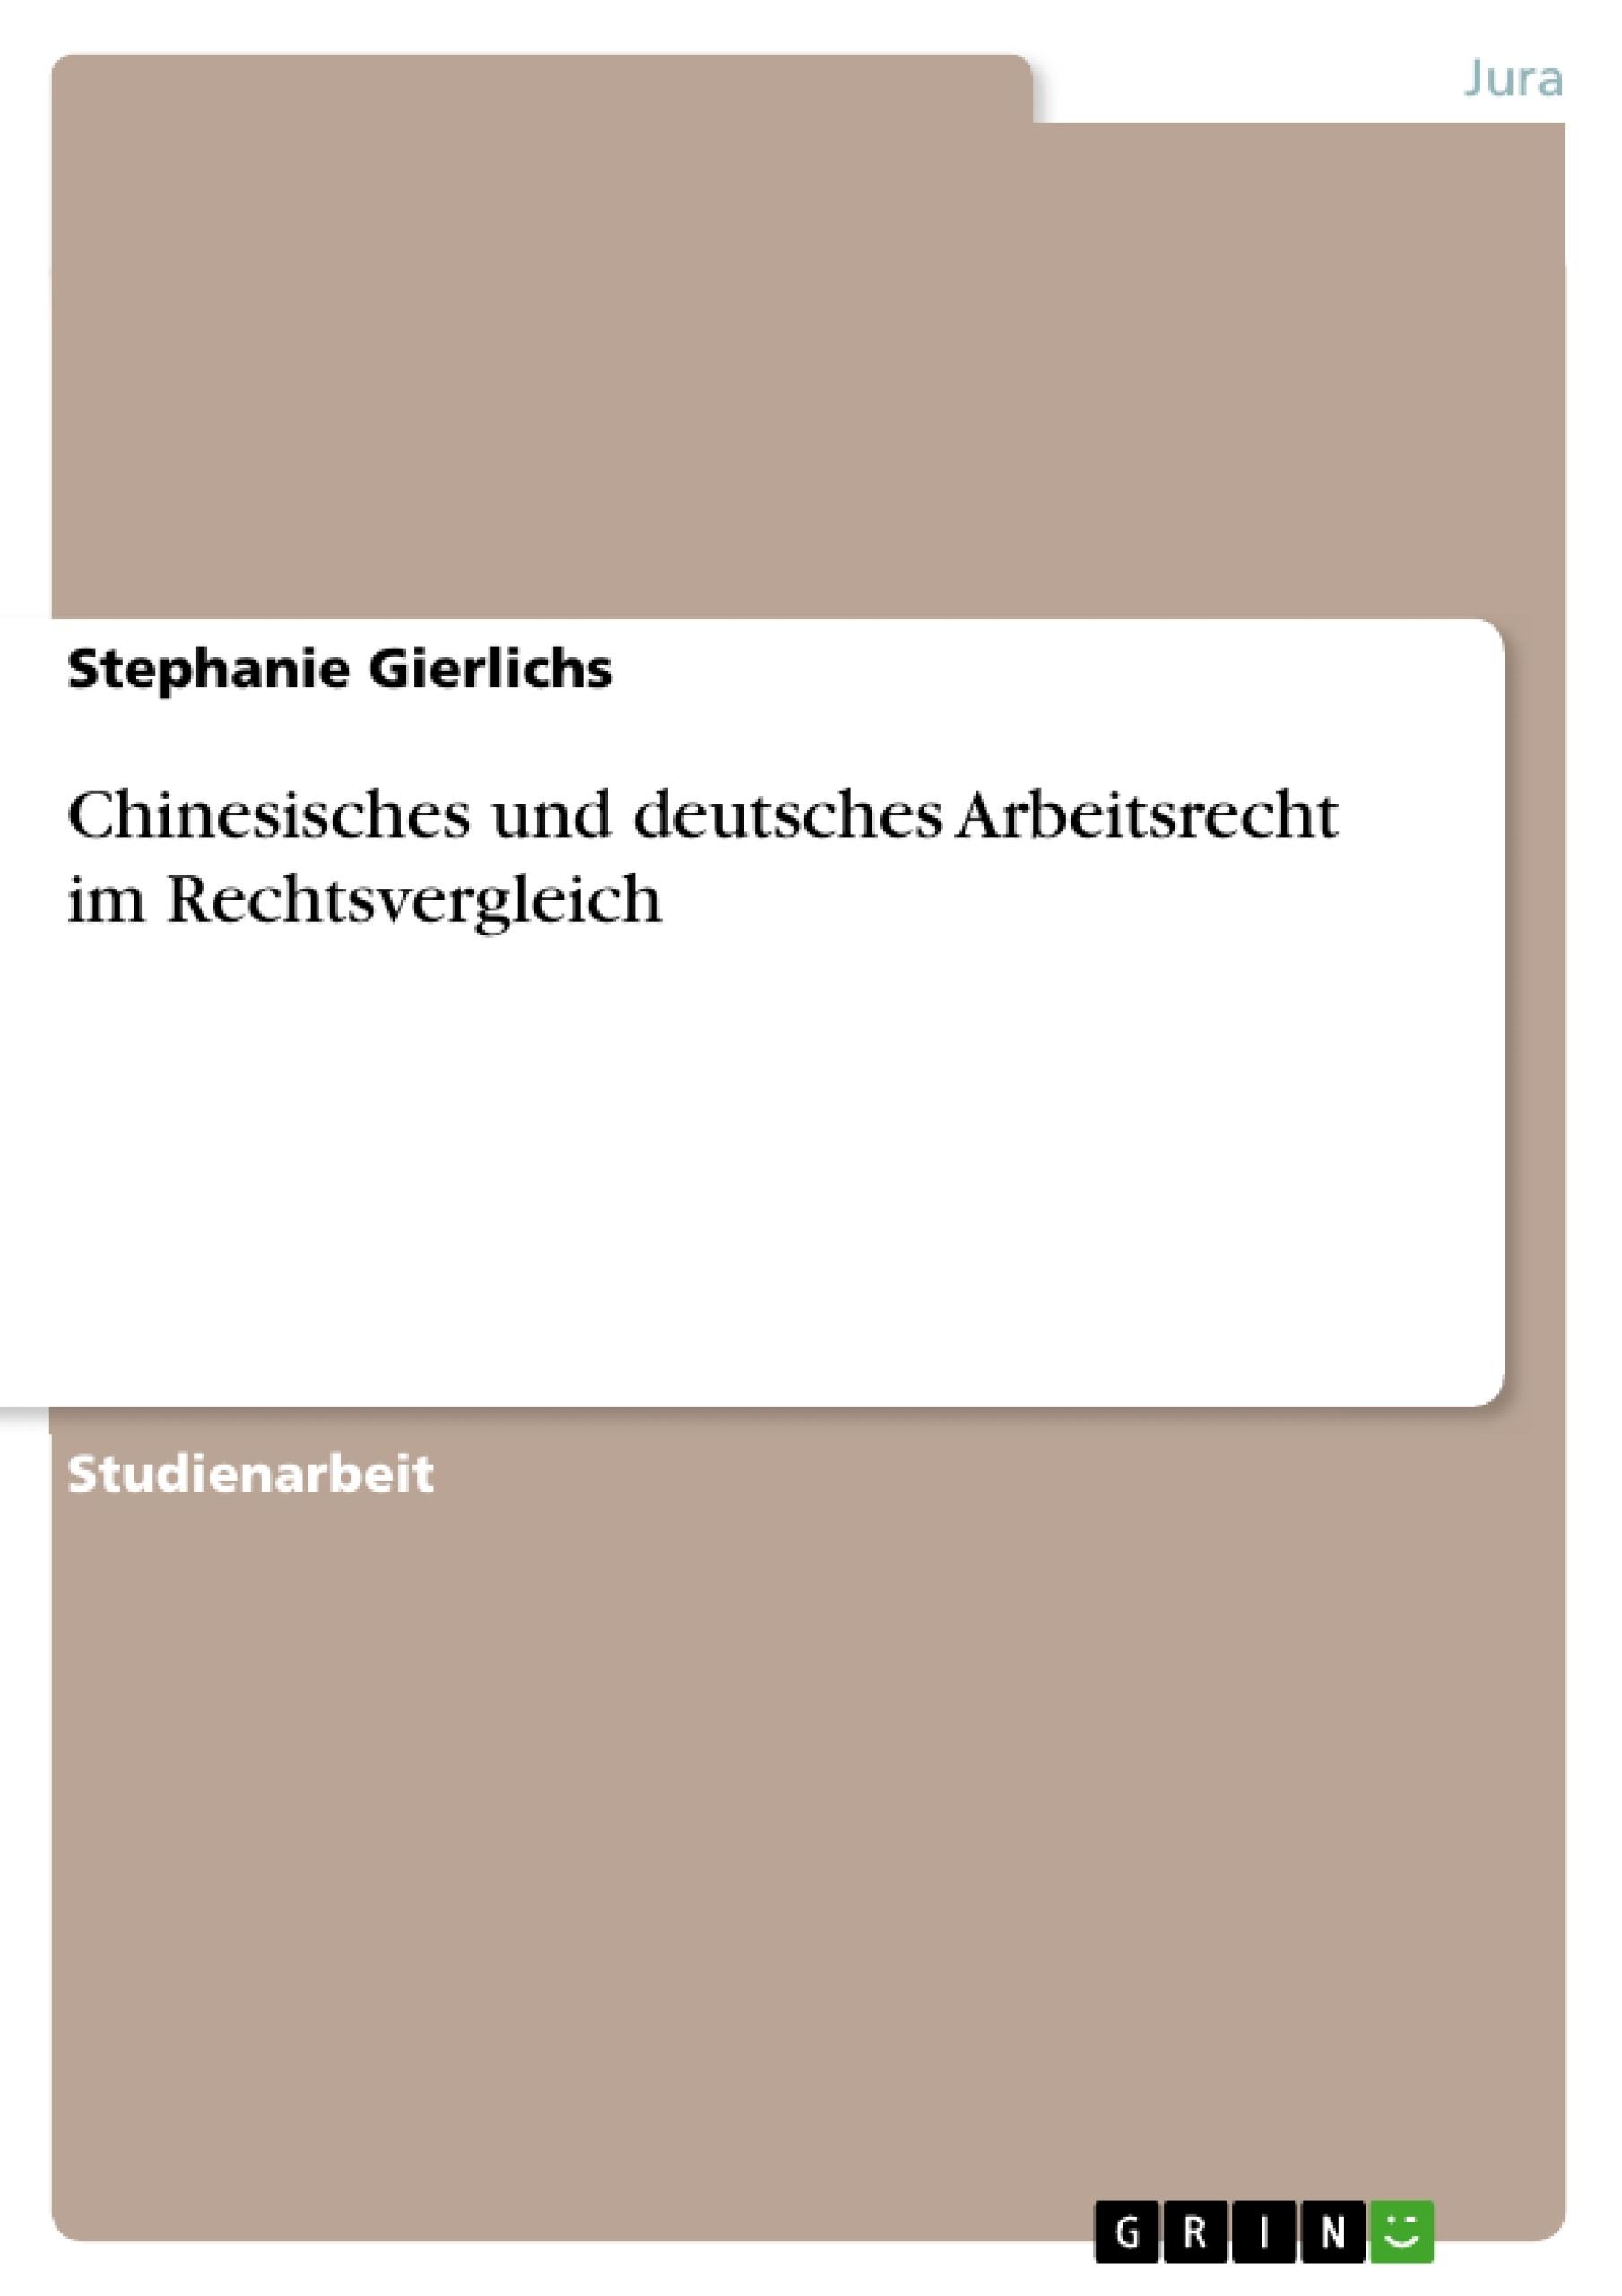 Titel: Chinesisches und deutsches Arbeitsrecht im Rechtsvergleich